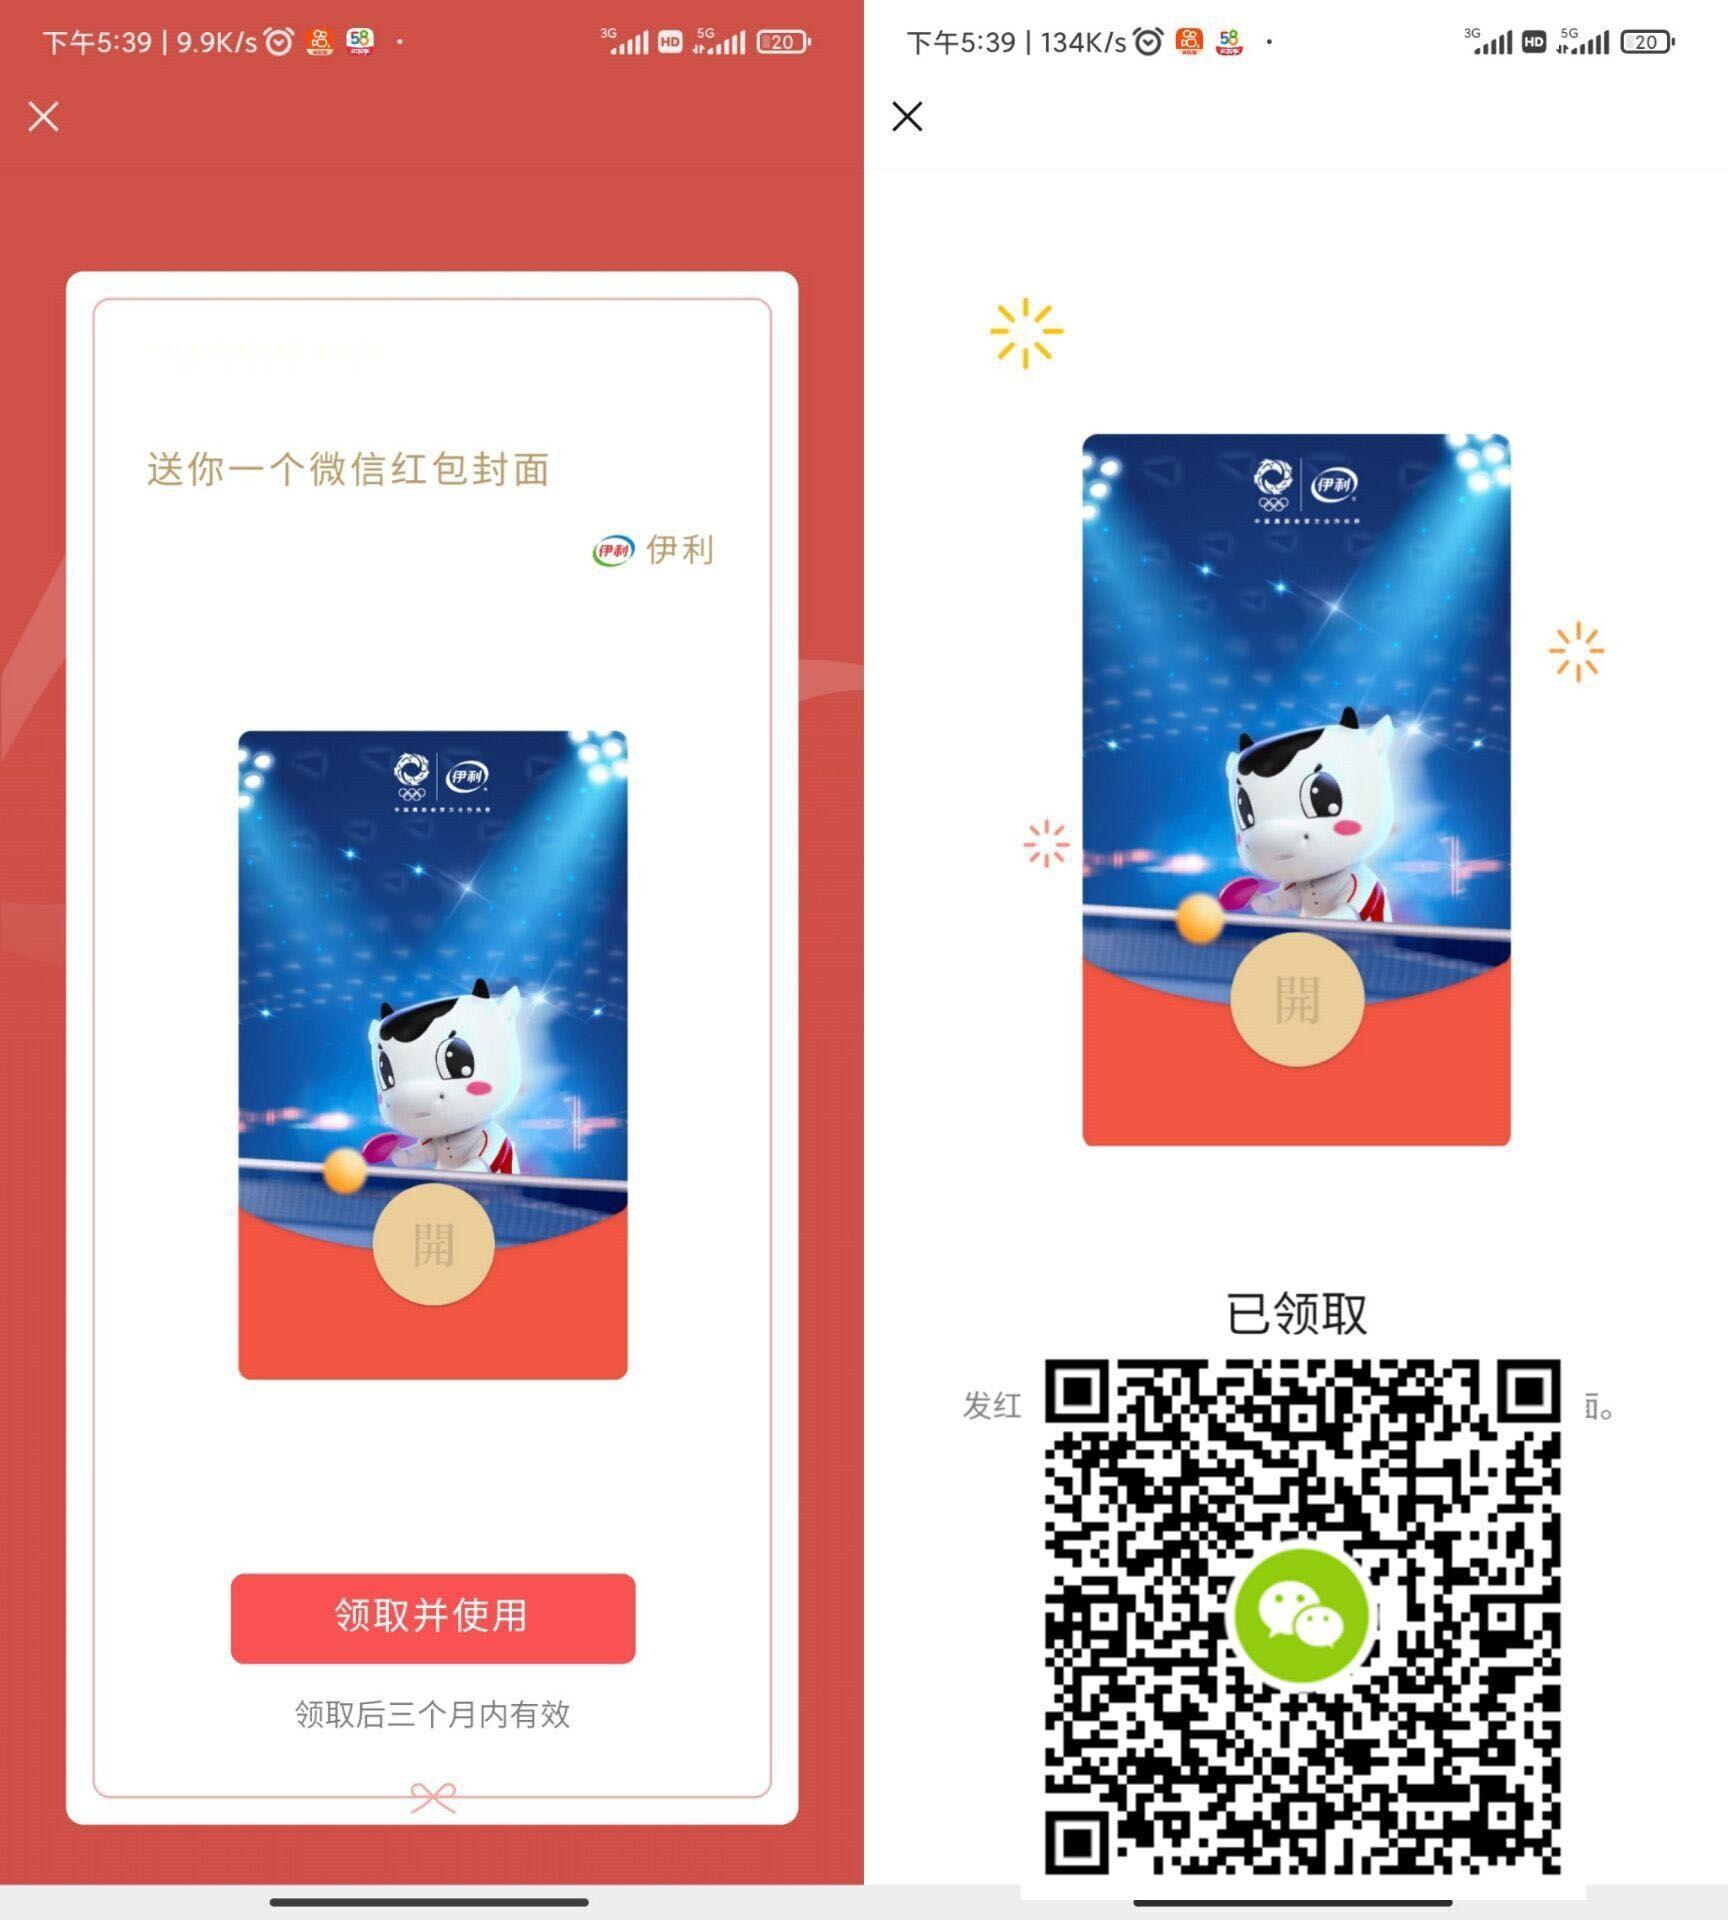 微信免费领奥运红包封面